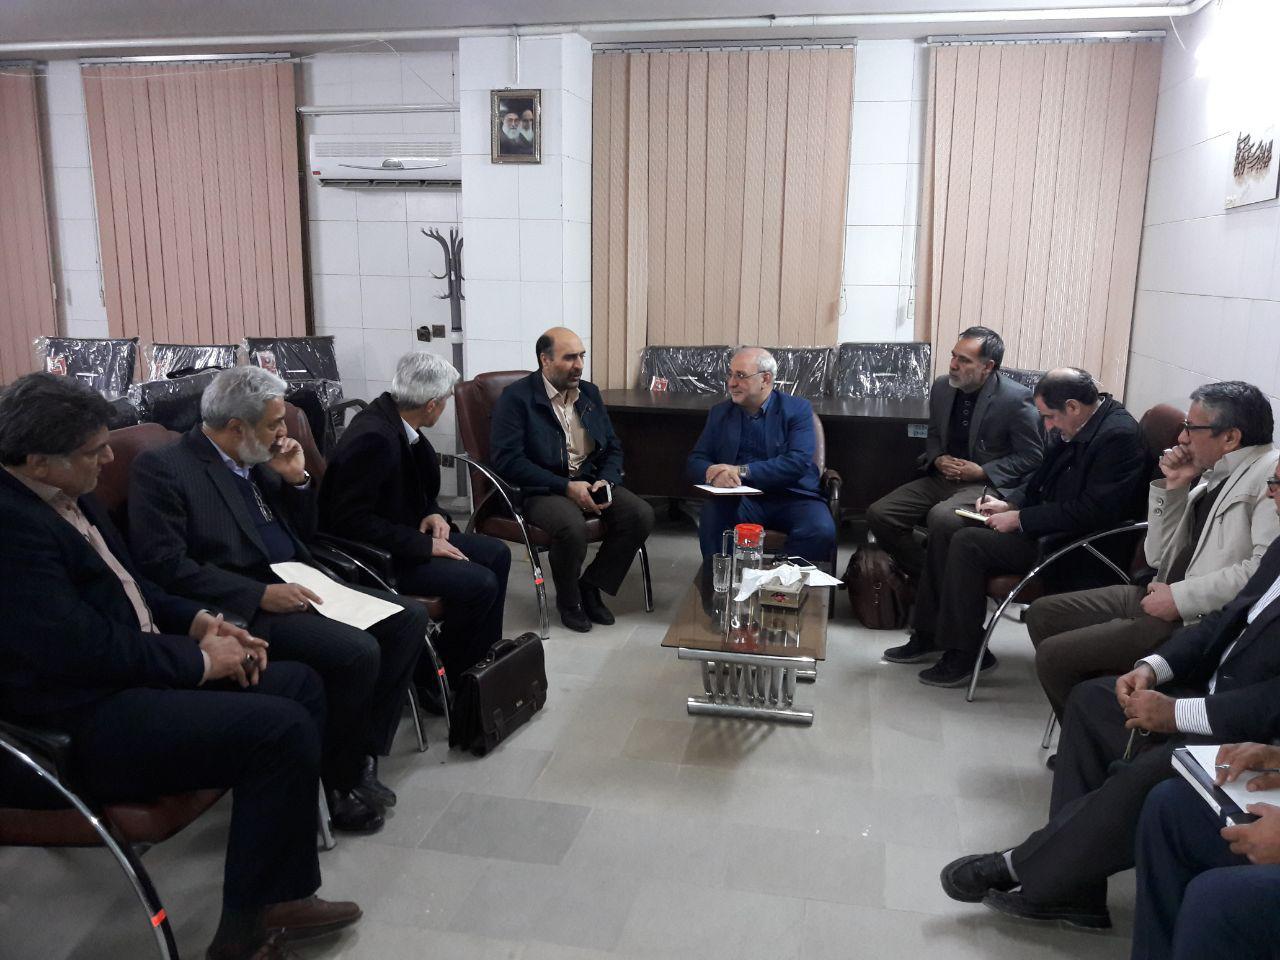 اتحادیه صنف طلا و جواهر استان اصفهان با حضور در دفتر جناب آقای حاجی با ایشان دیدار و درخصوص مالیات بر ارزش افزوده گفتگو کردند.